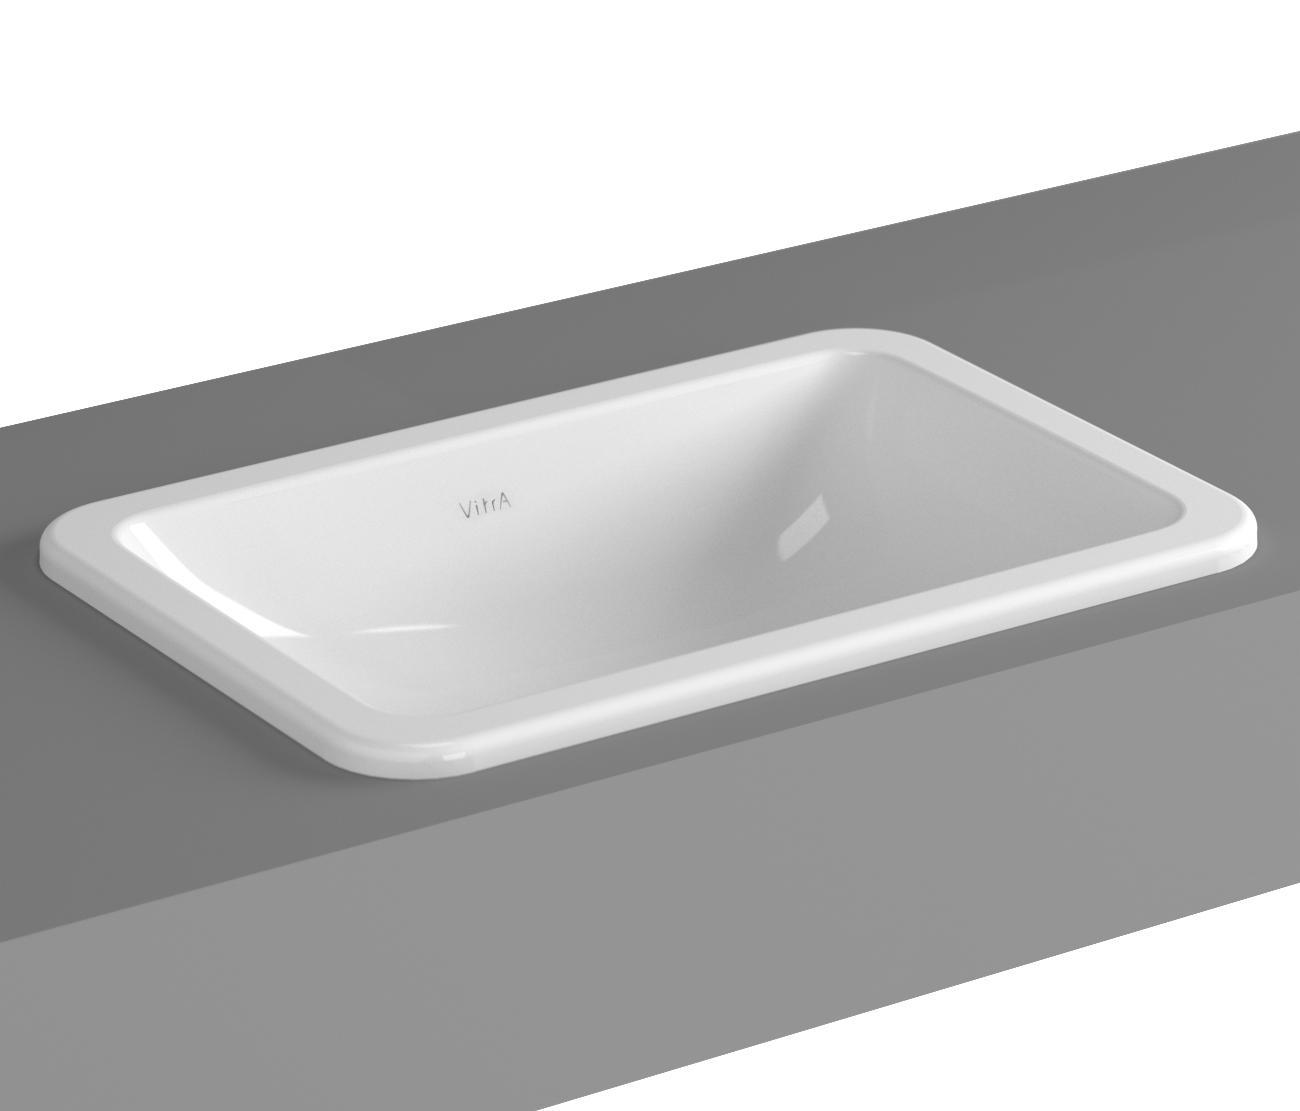 s20 einbauwaschtisch 55 cm waschtische von vitra bad. Black Bedroom Furniture Sets. Home Design Ideas